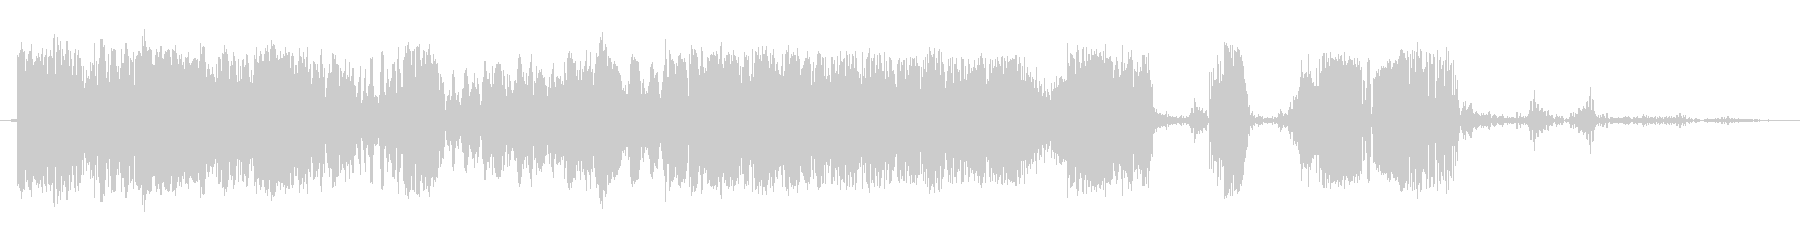 スクラッチカットトランジション1の未再生の波形